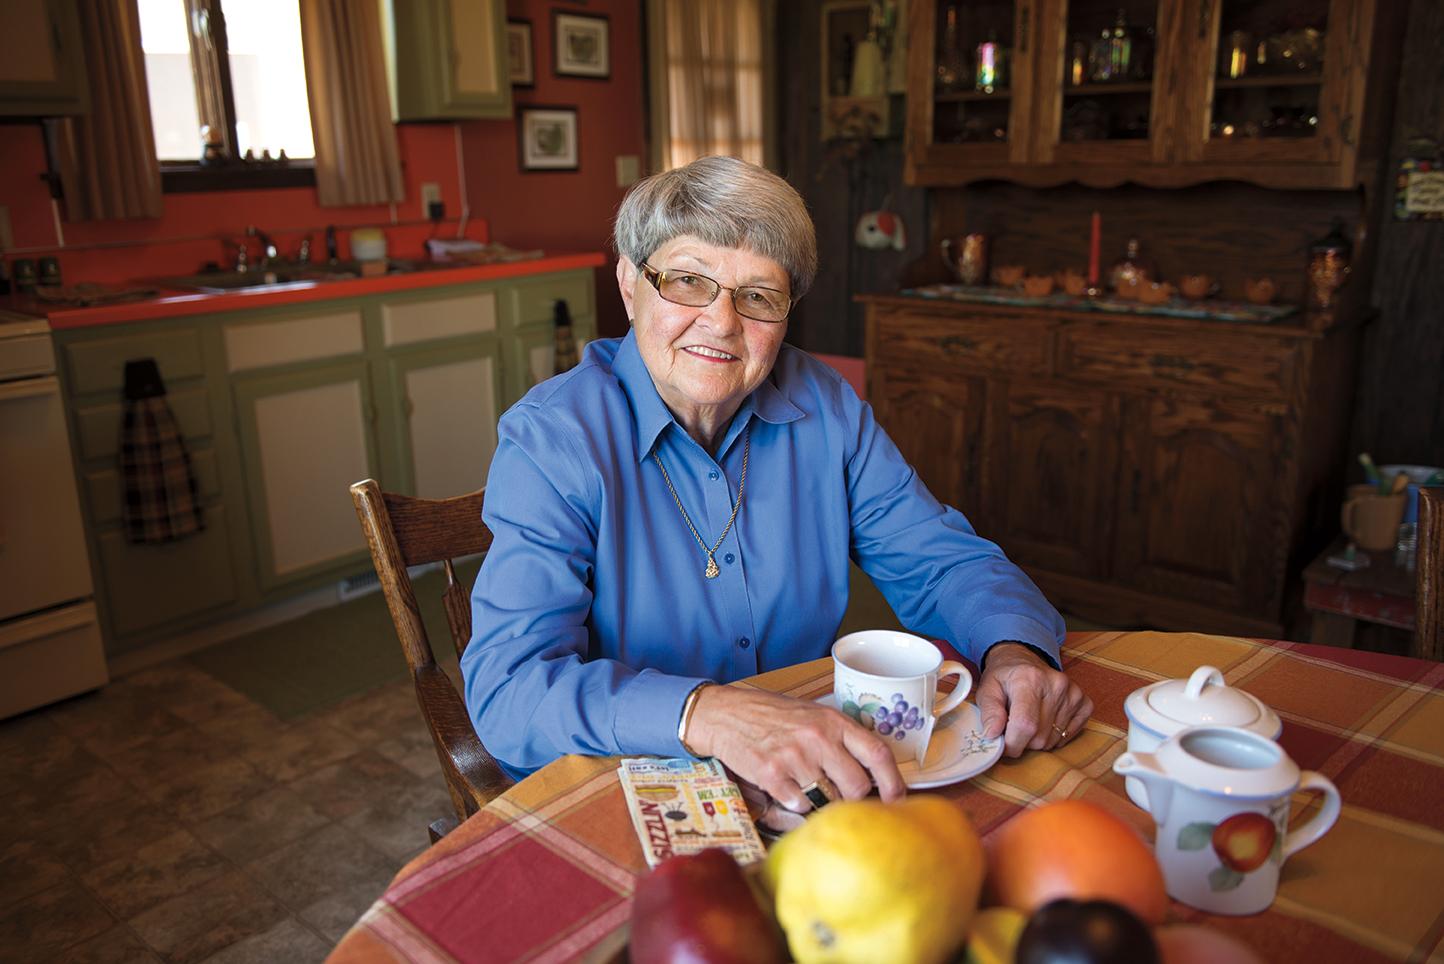 Vickie Lannie sitting at table